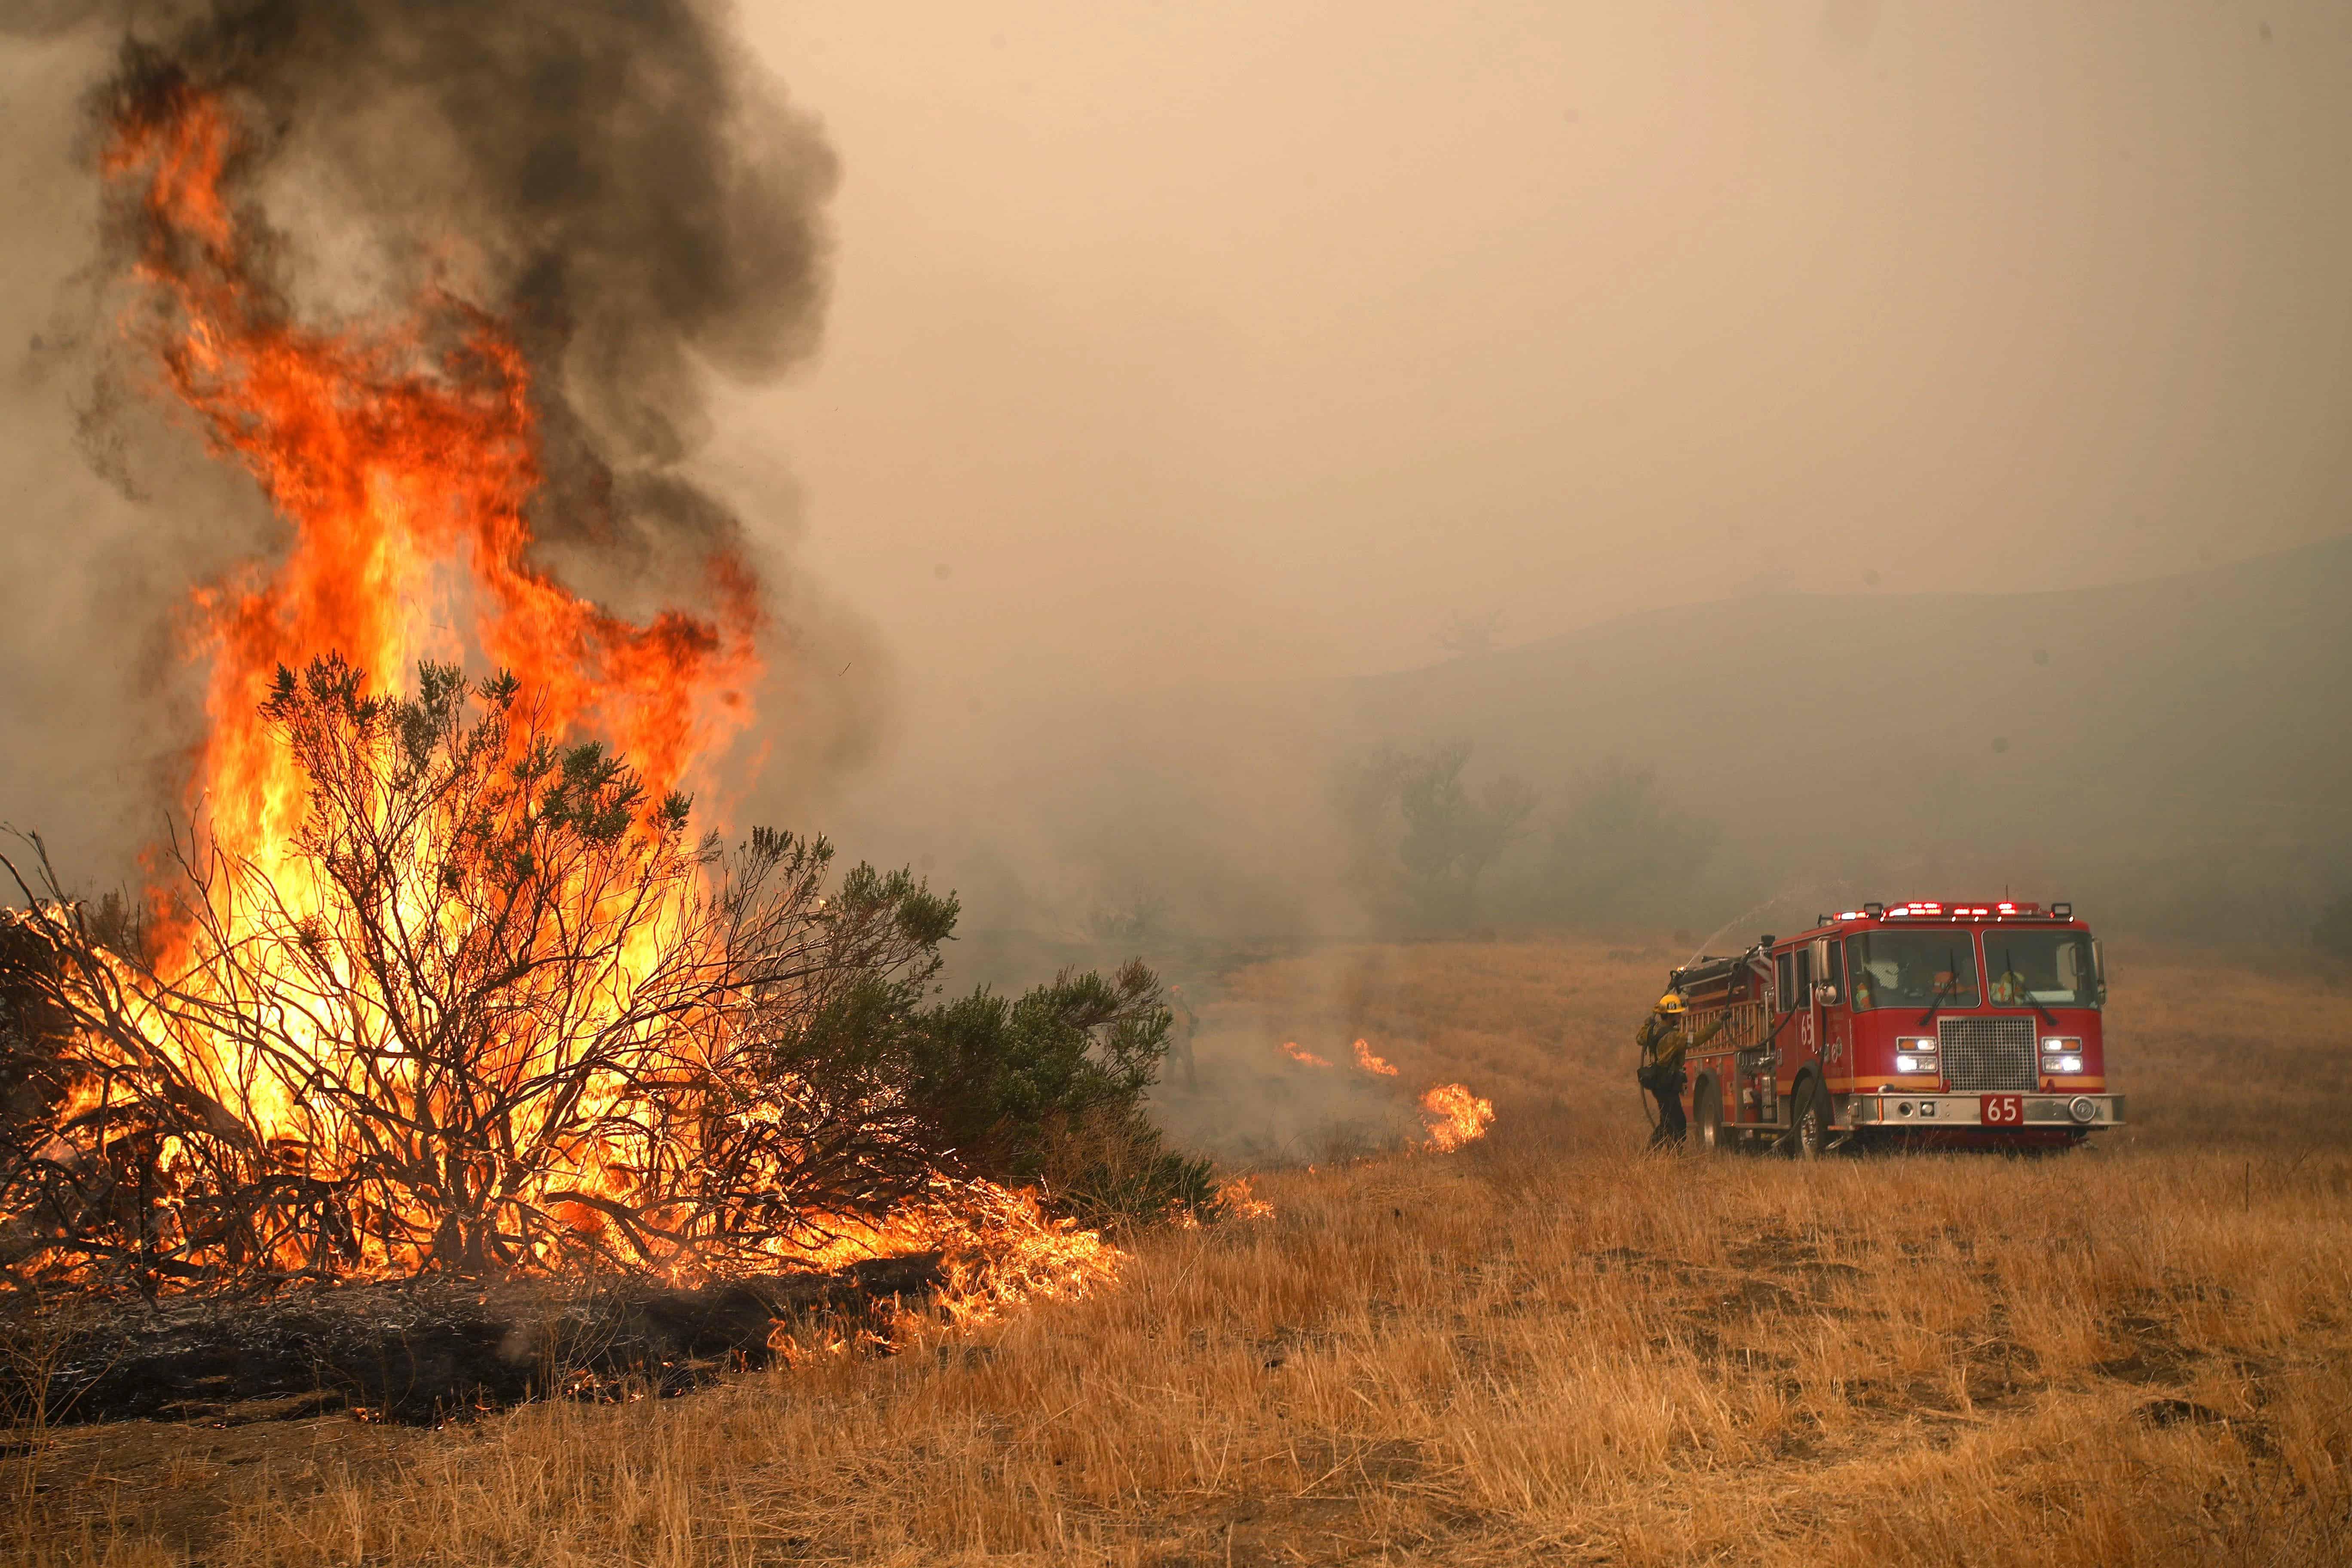 Een brandweerwagen komt aangereden terwijl naast de weg een grote bosbrand woedt.